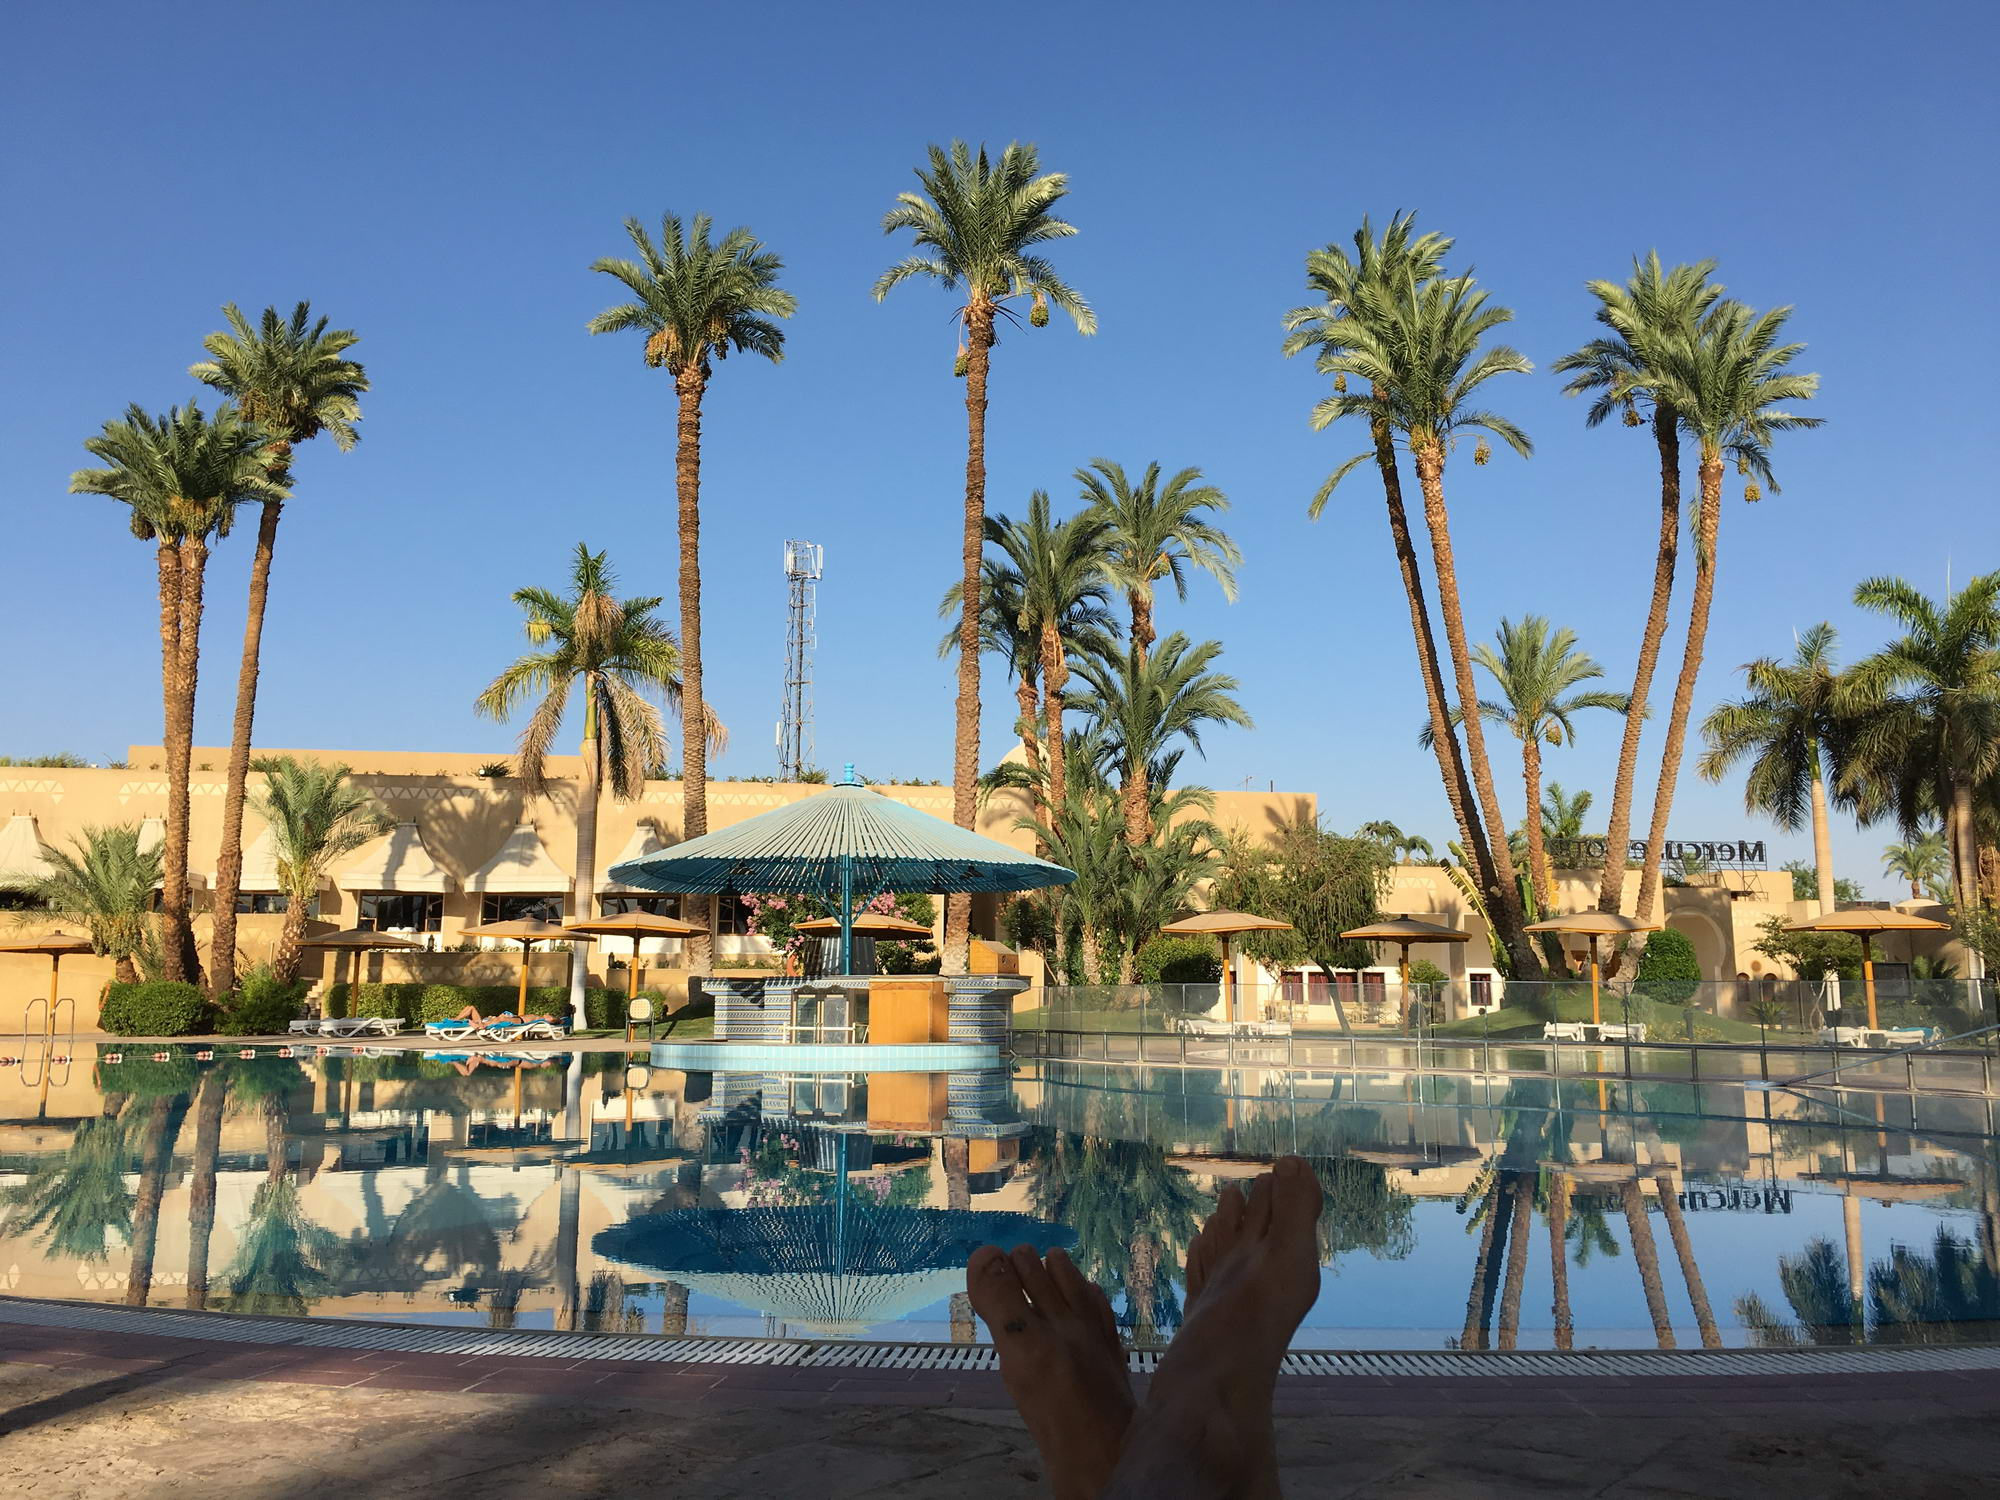 osamljen v resortu v Luksorju